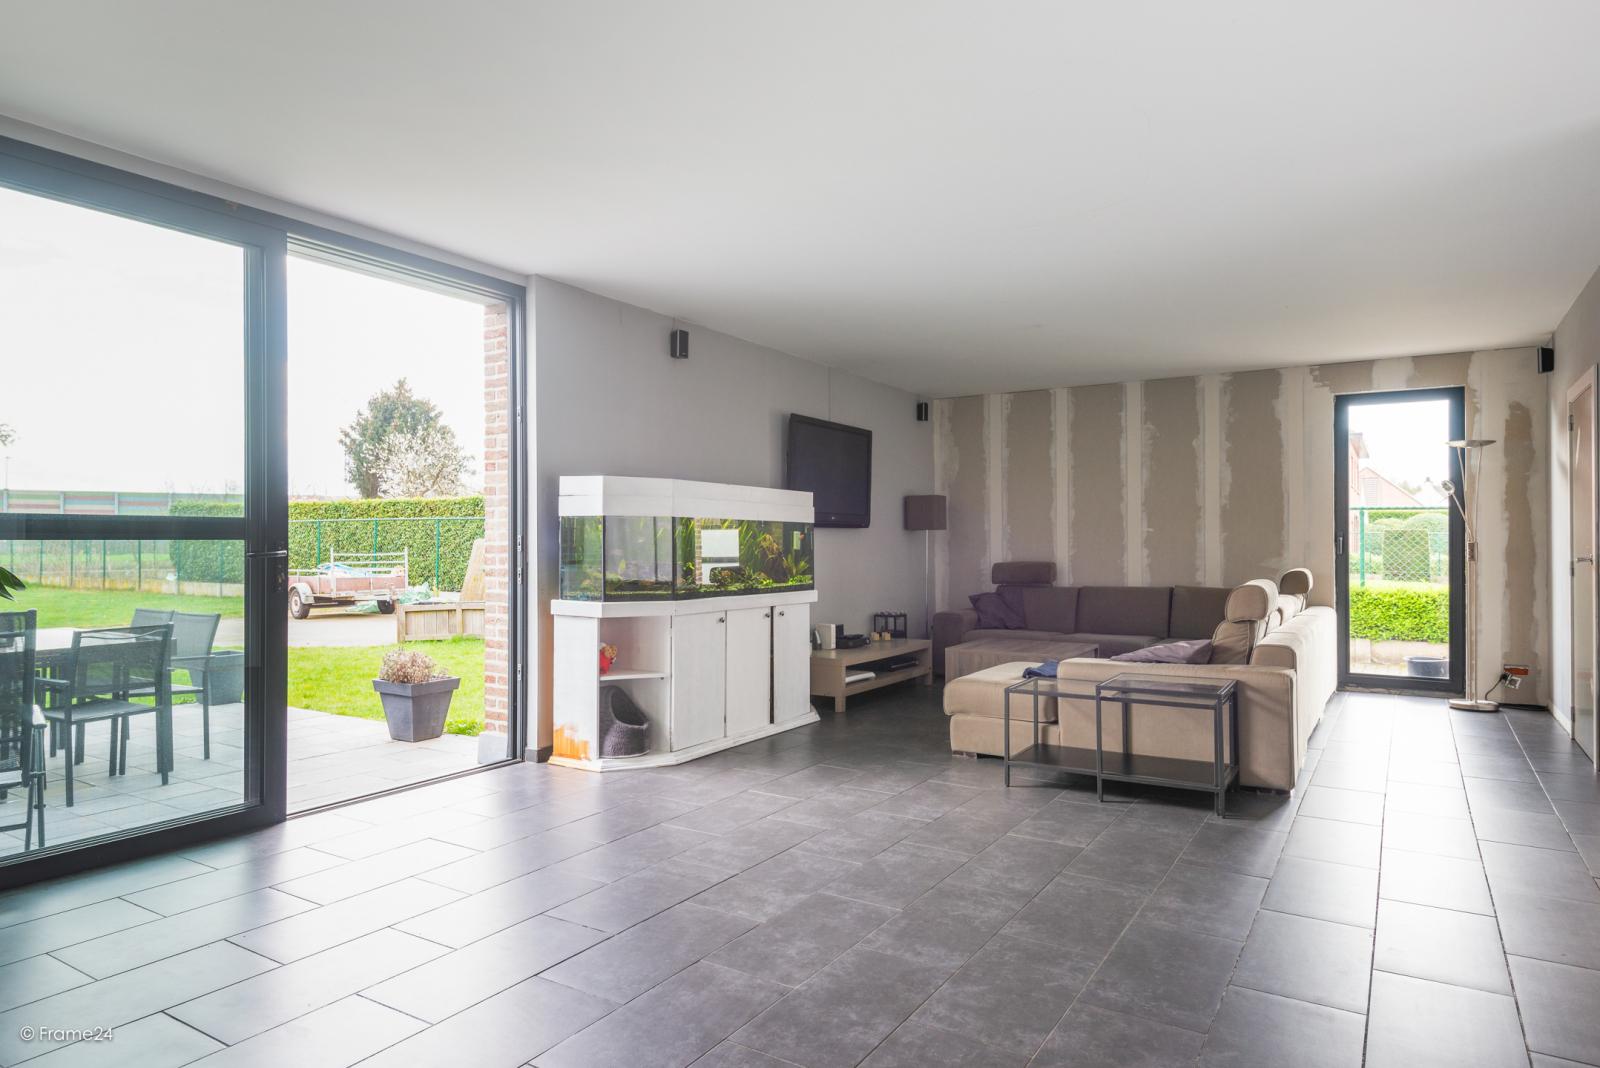 Vernieuwde half open woning met 5 slaapkamers op een perceel van 1.246 m² op goede locatie te Ranst! afbeelding 3